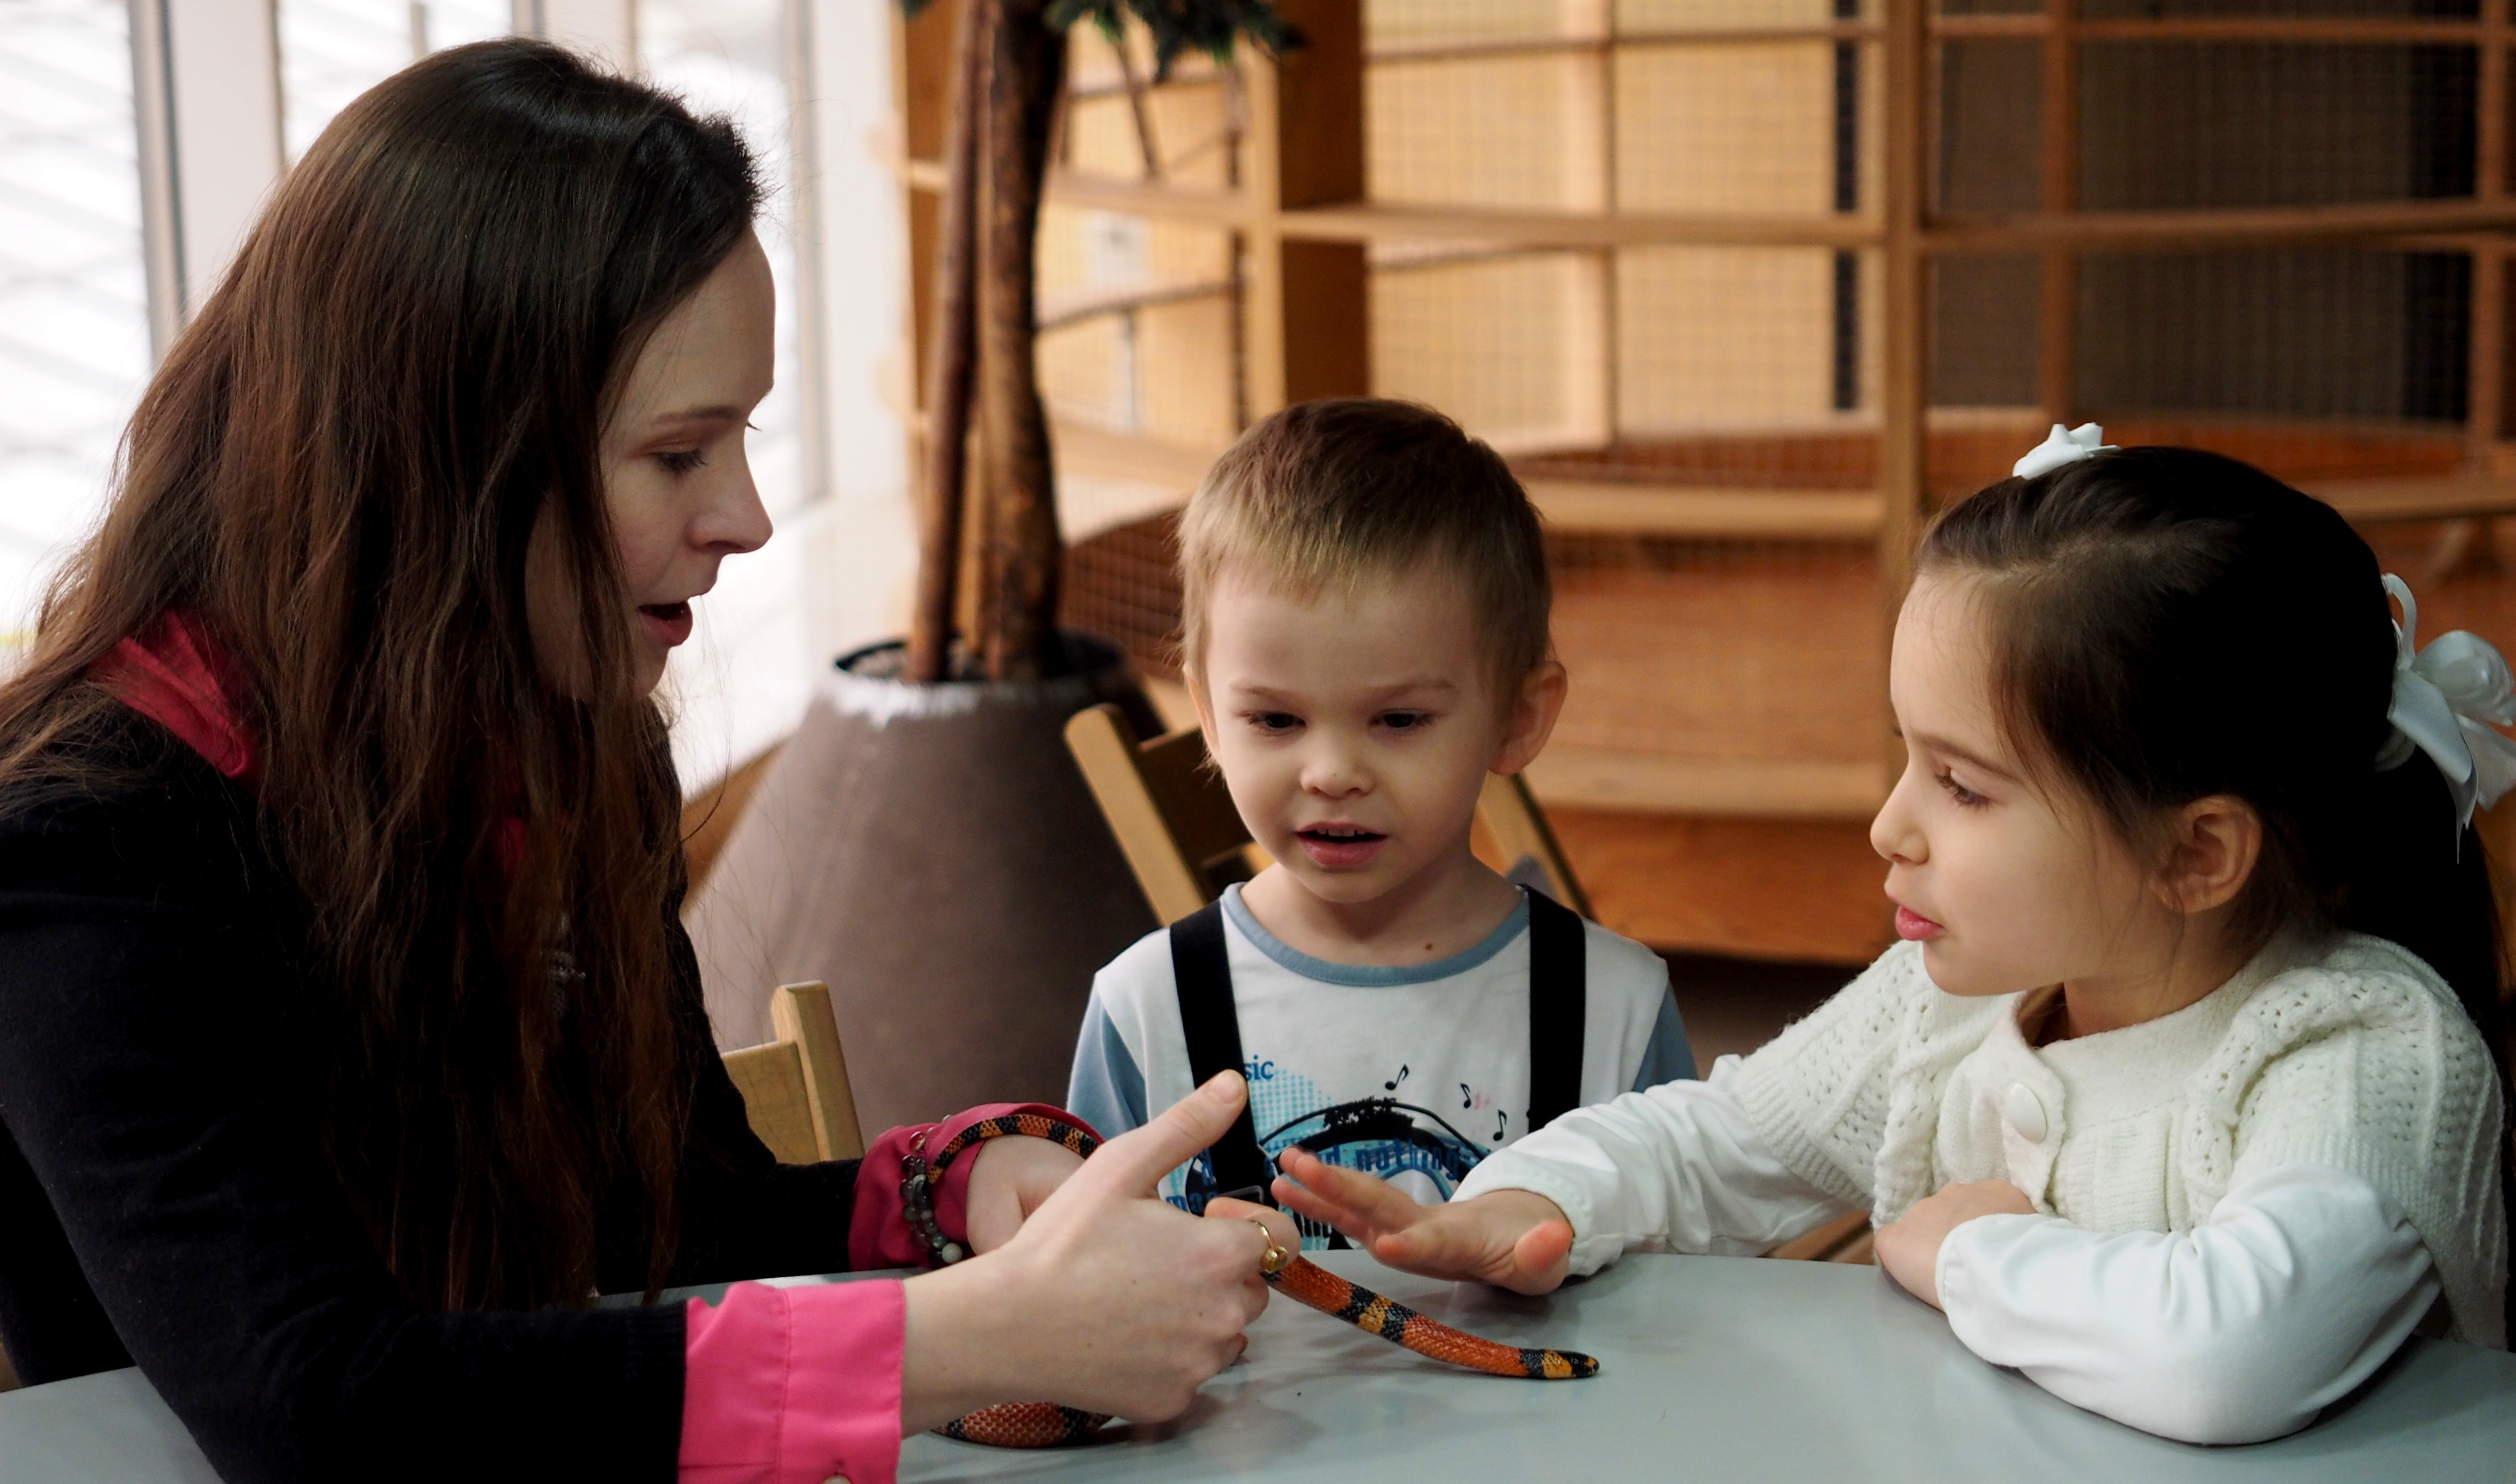 анималотерапия детям